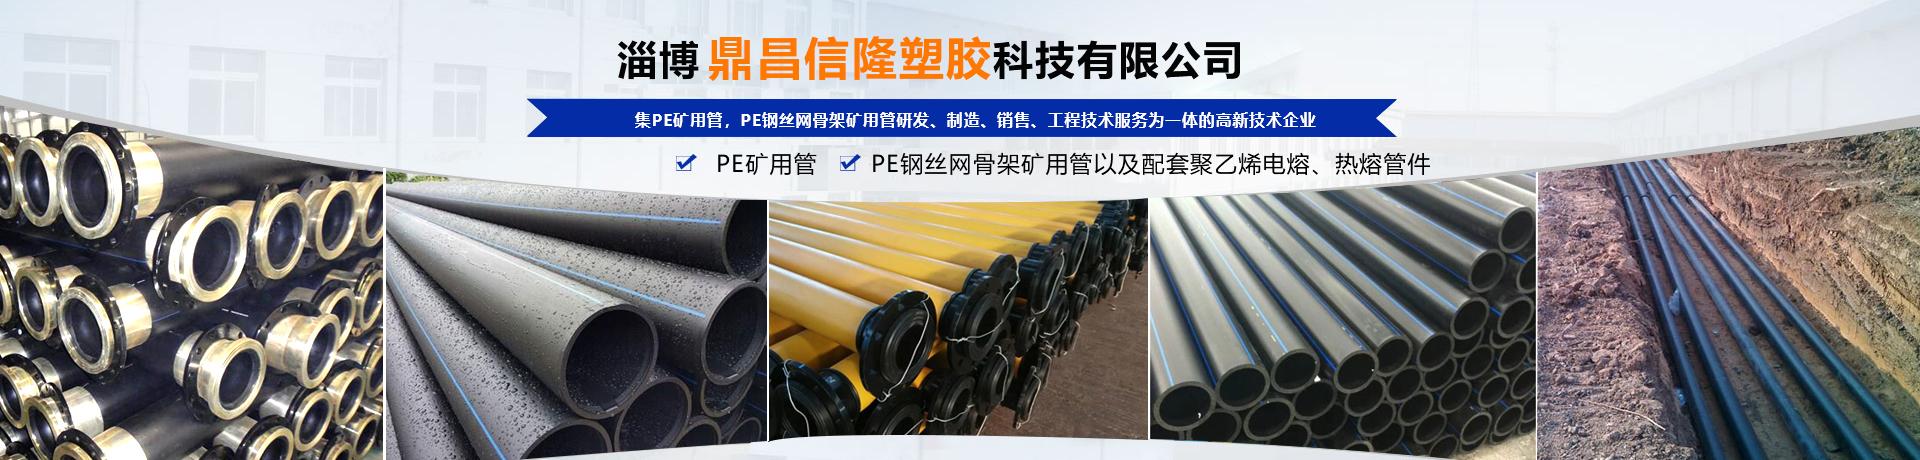 PE钢丝骨架矿用管